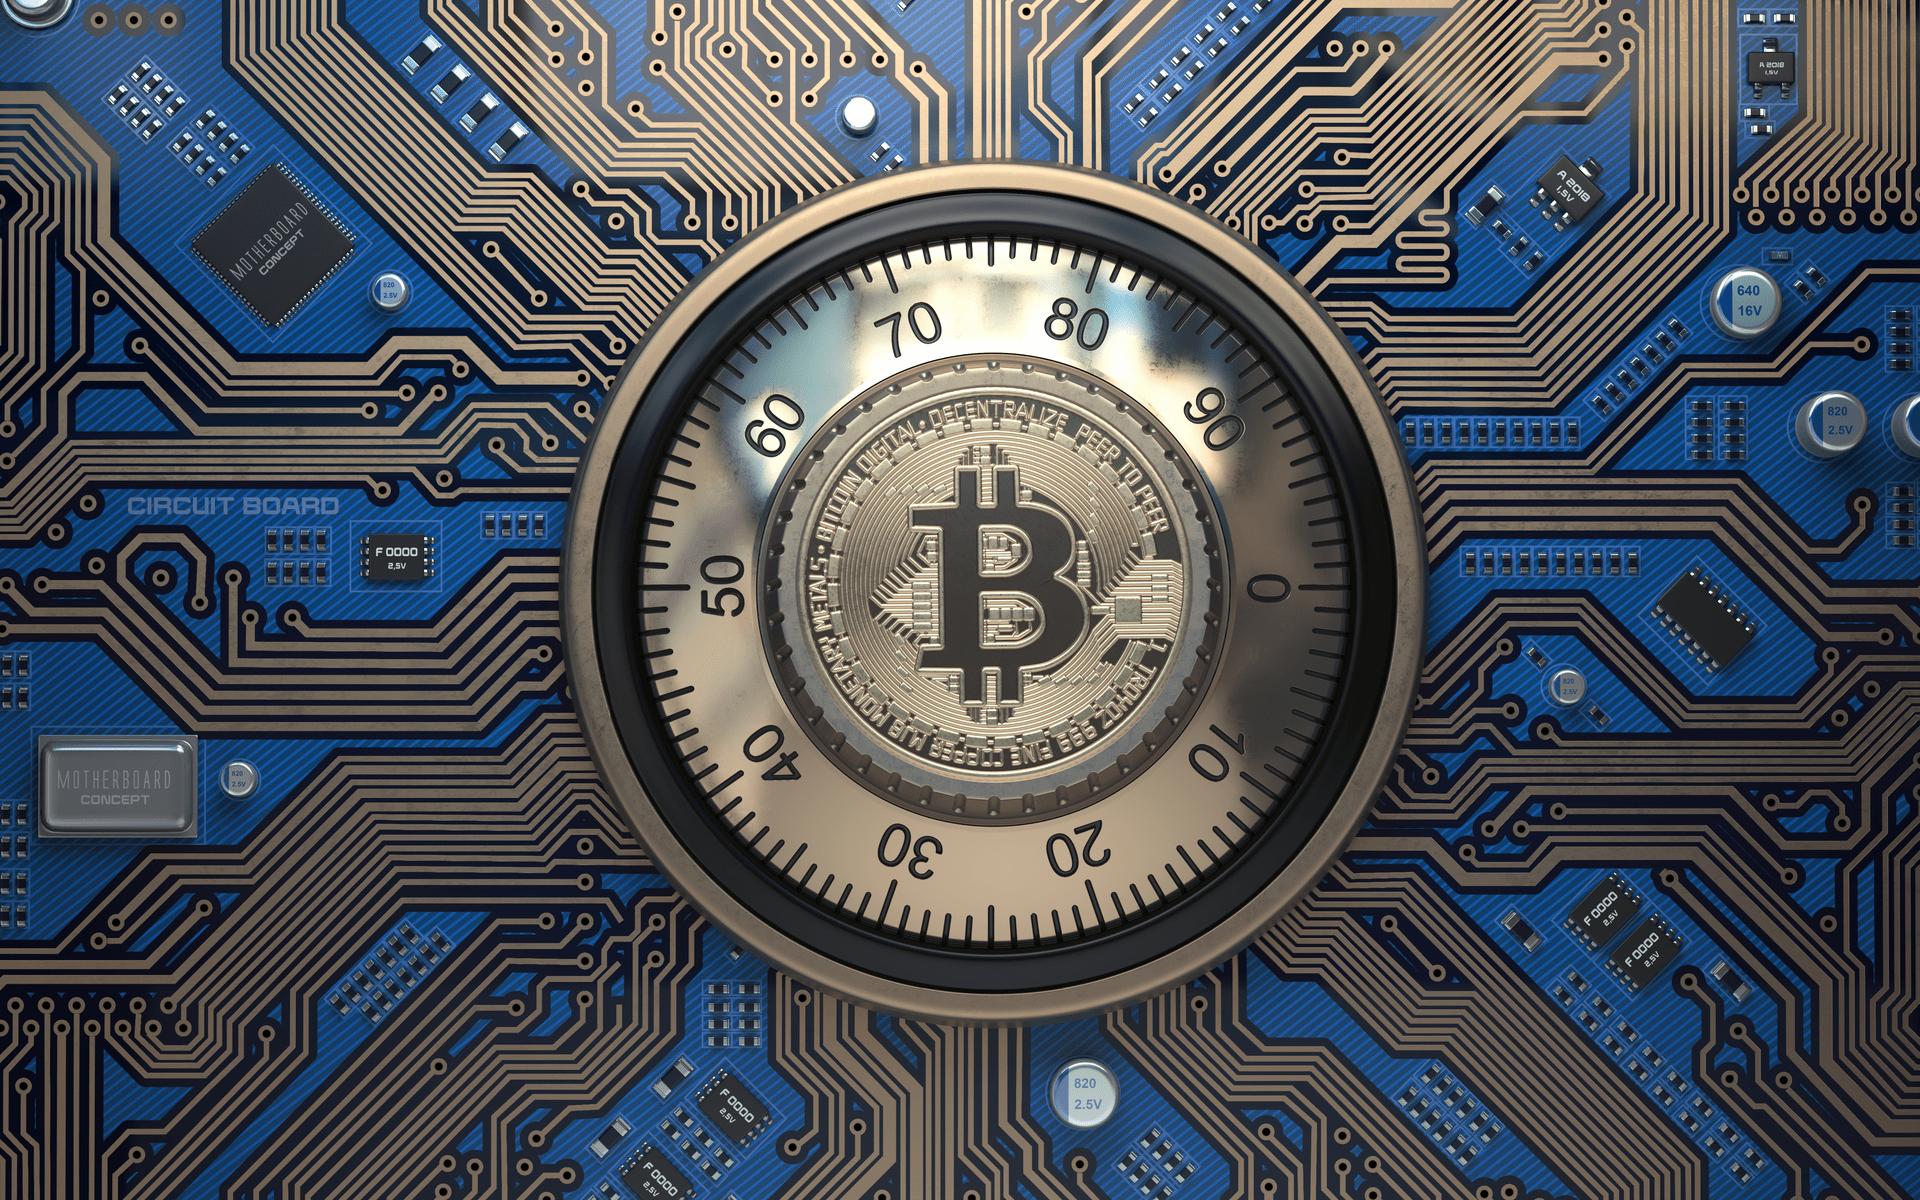 giá bitcoin: Một dòng tiền lớn đổ về các sàn trước khi Bitcoin giảm về 8.600 USD, ai đã xả coin?